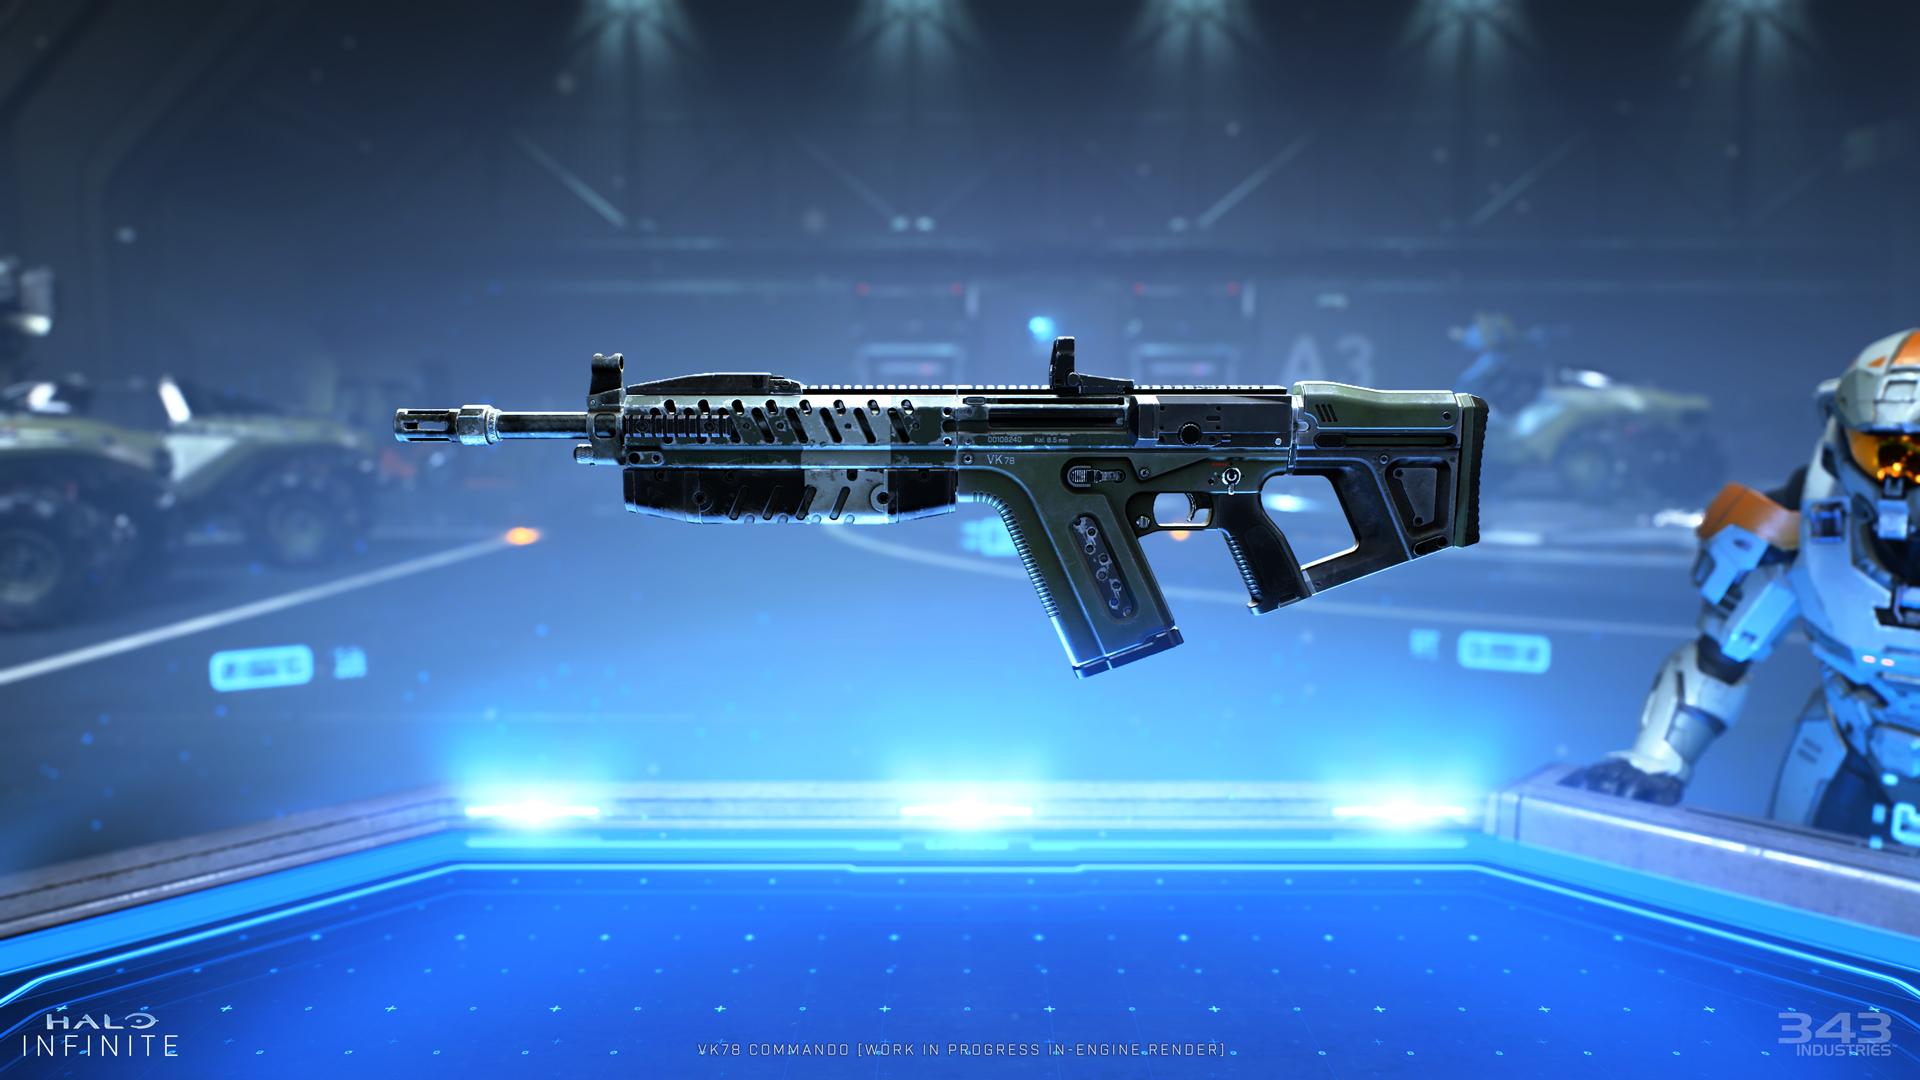 hi-vk78-commando-1920x1080-64080d0d13b84